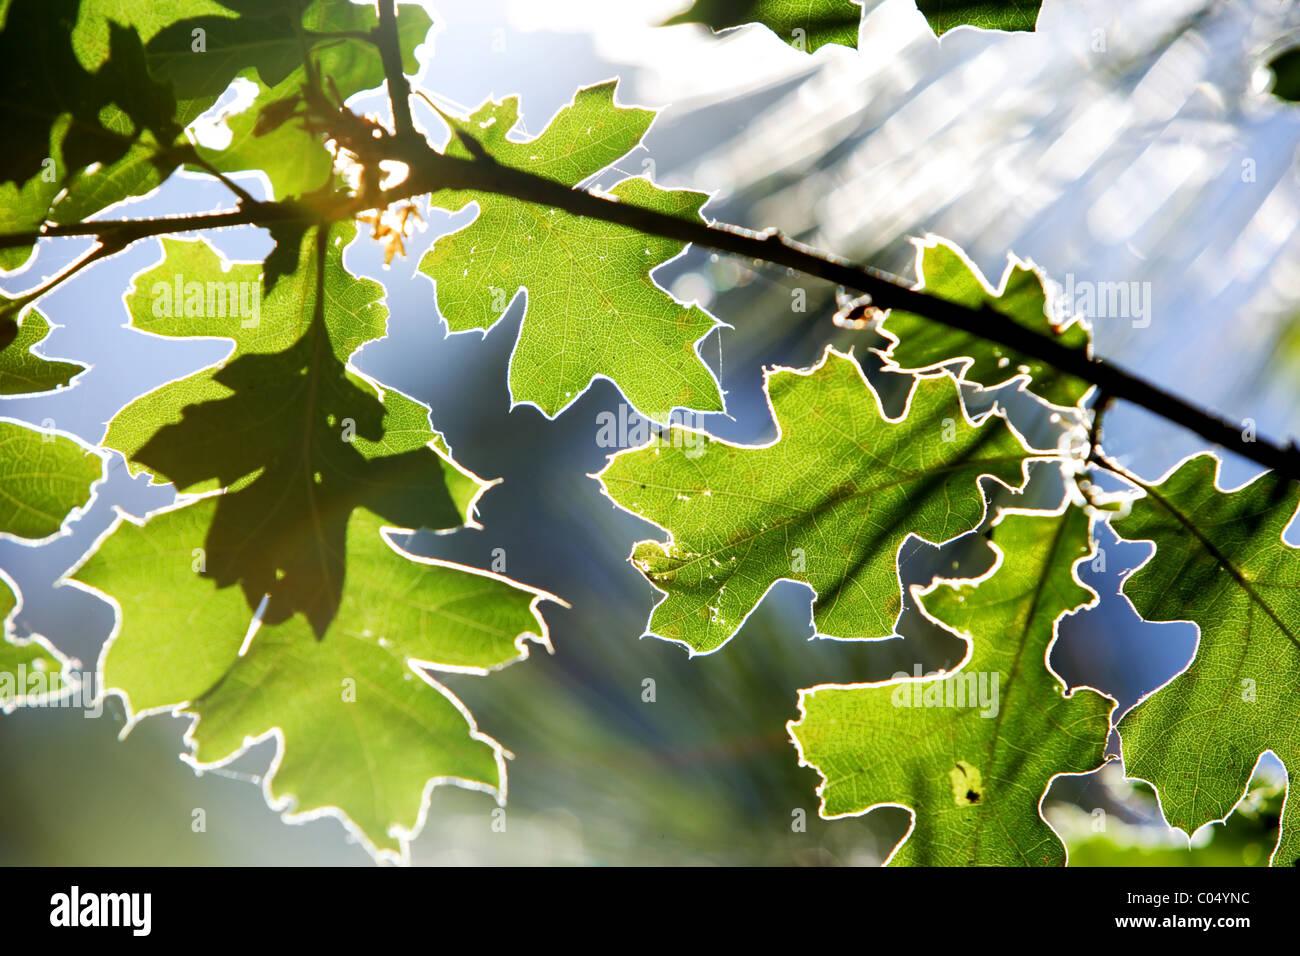 Ein Blatt wieder von der Sonne beschienen Stockbild